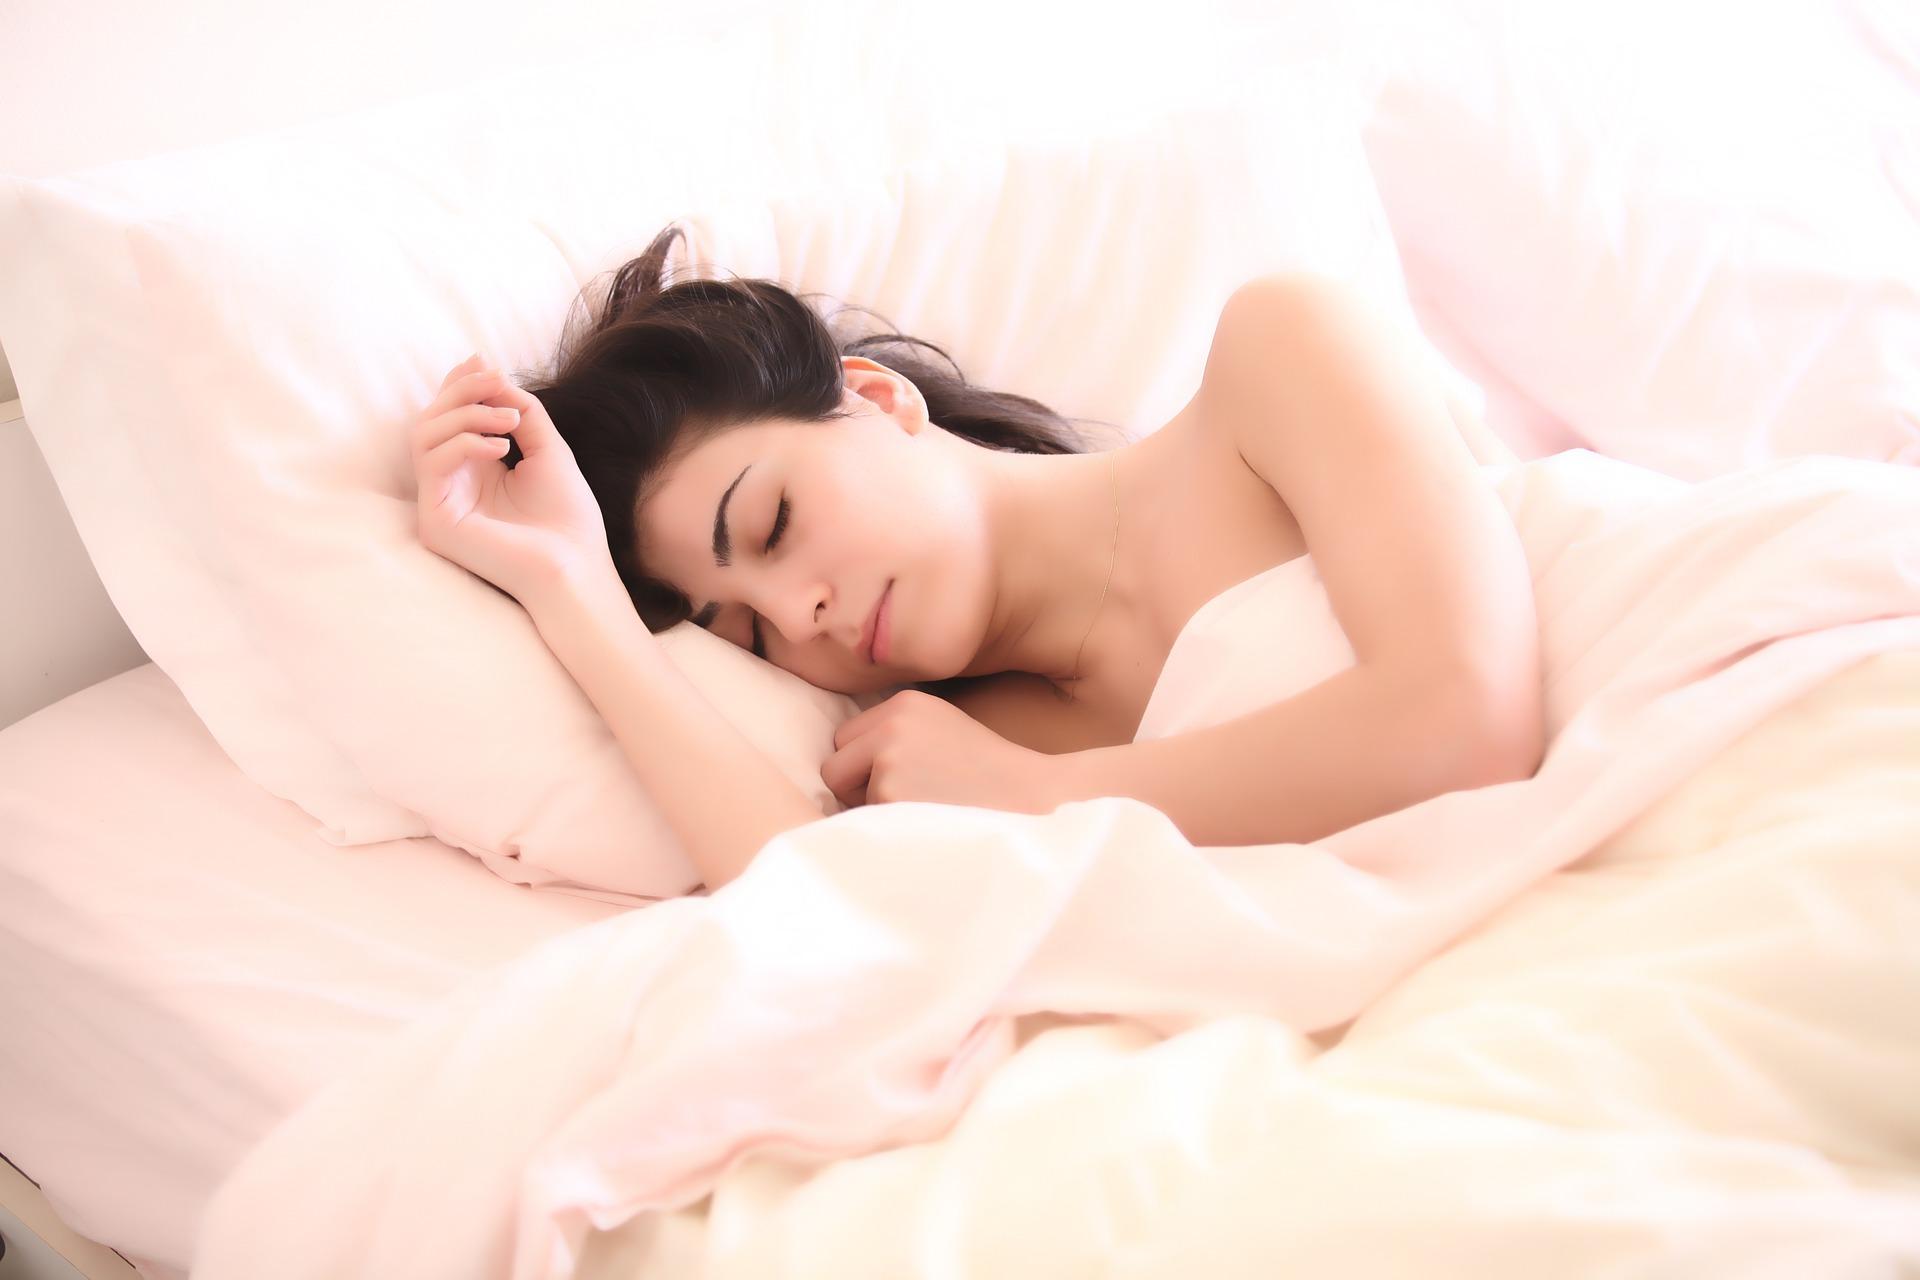 מה מפריע לנו לישון טוב בלילה?